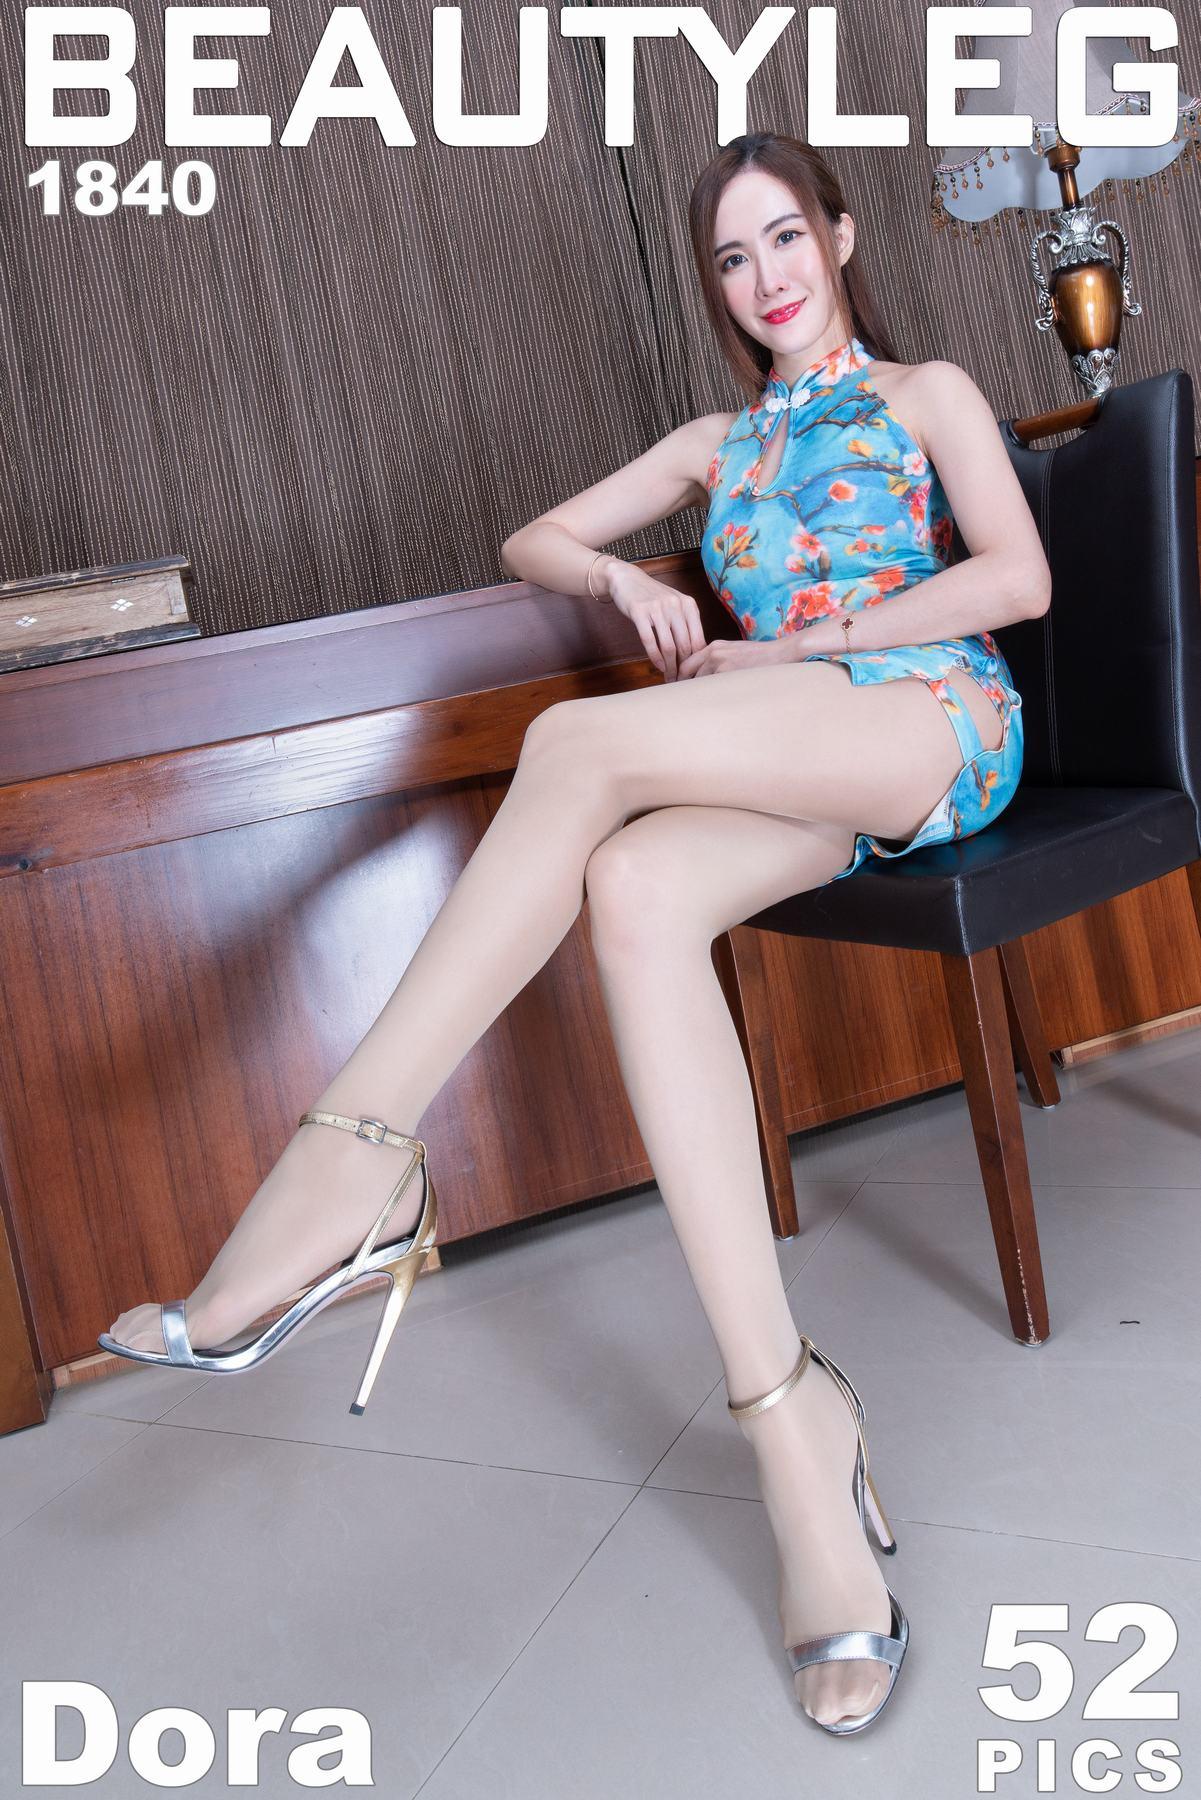 [Beautyleg]美女写真图片 2019.11.11 No.1840 Dora